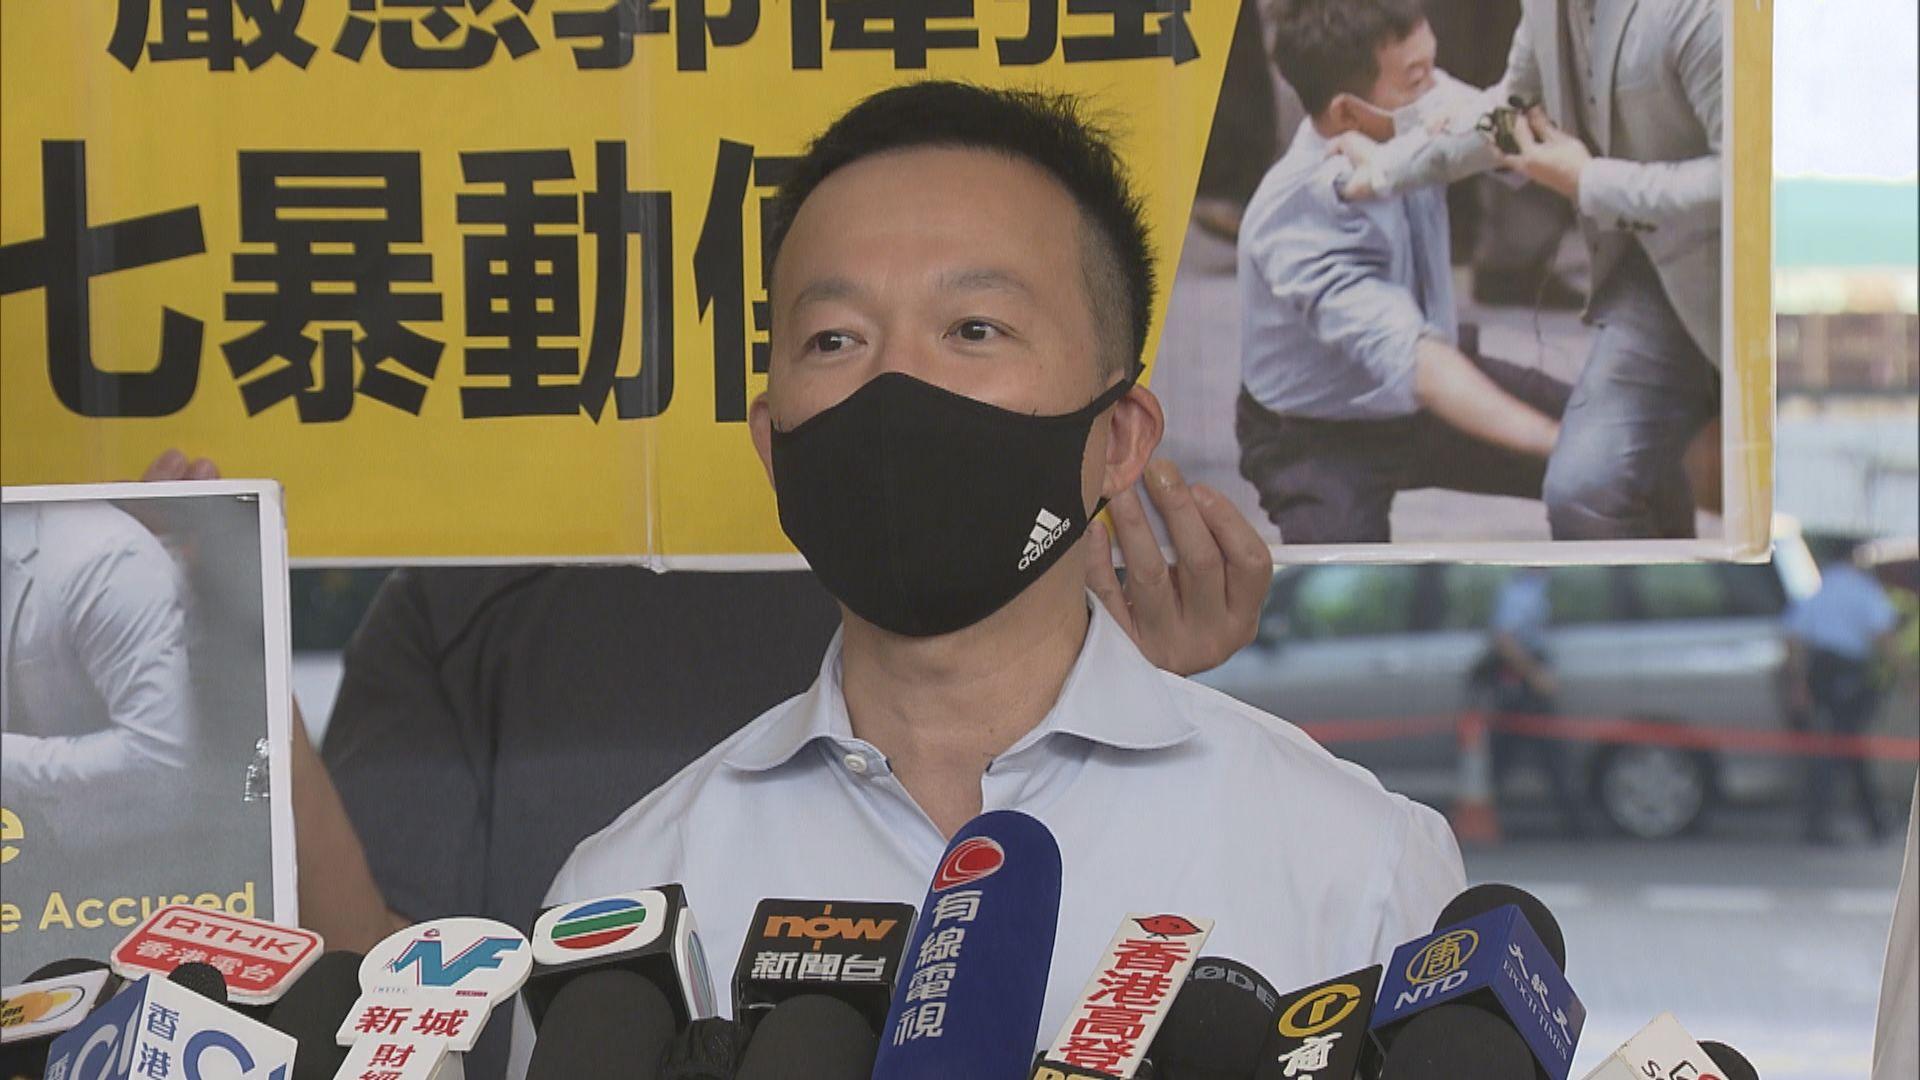 律政司介入私人檢控郭偉强 陳志全不排除司法覆核